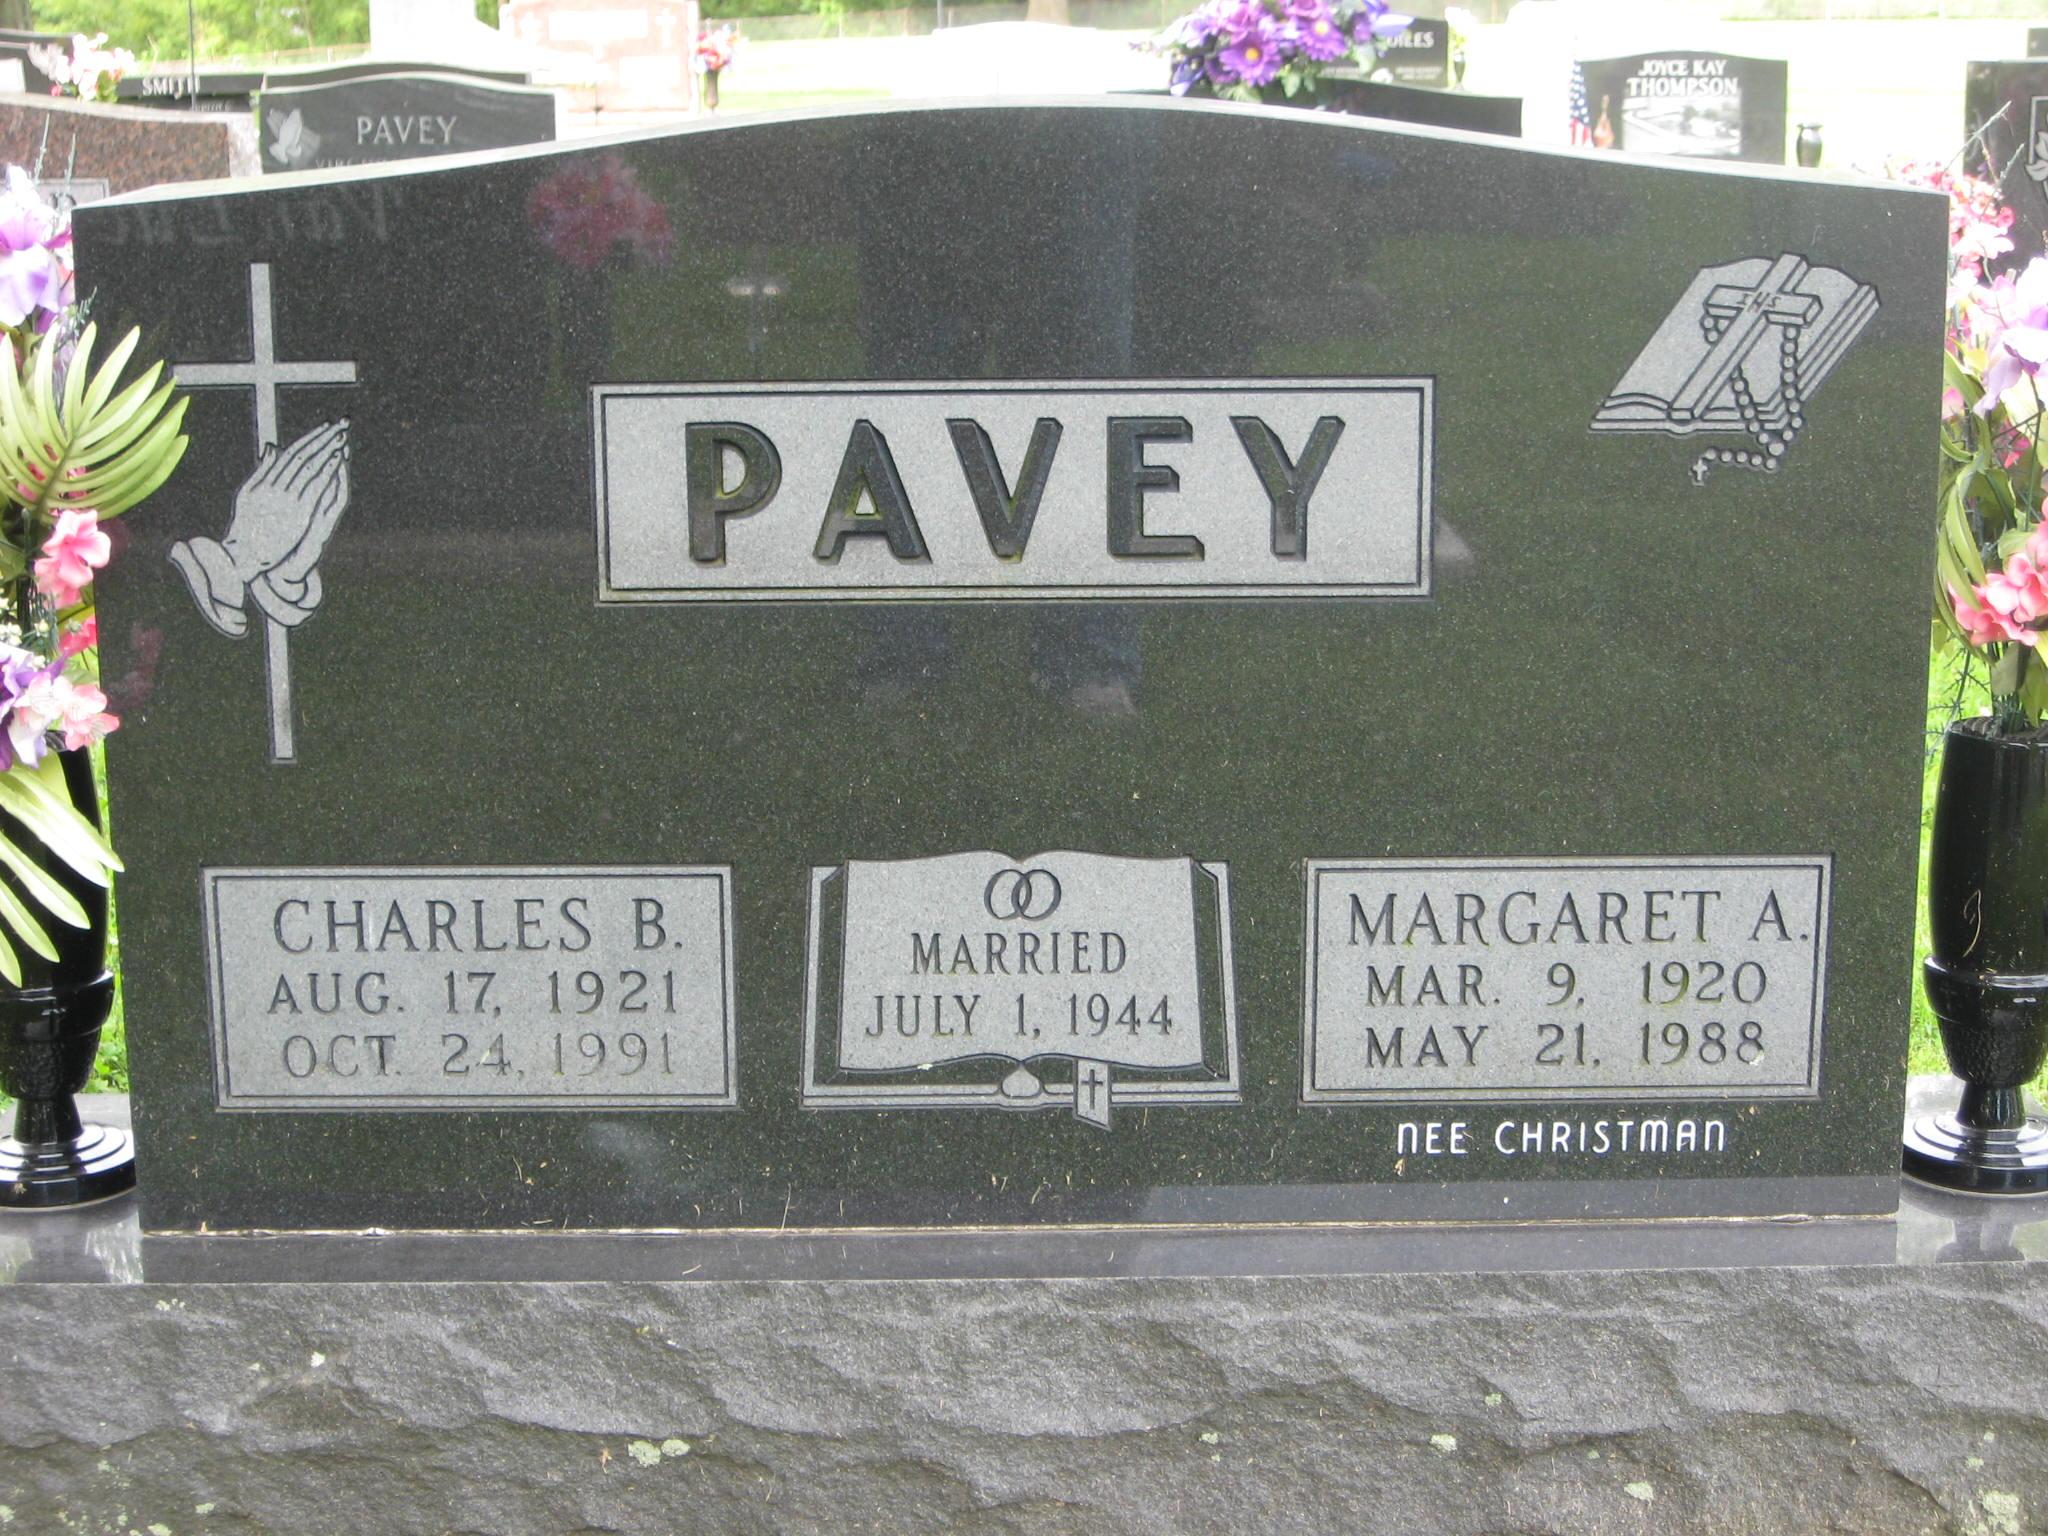 Charles B. Pavey